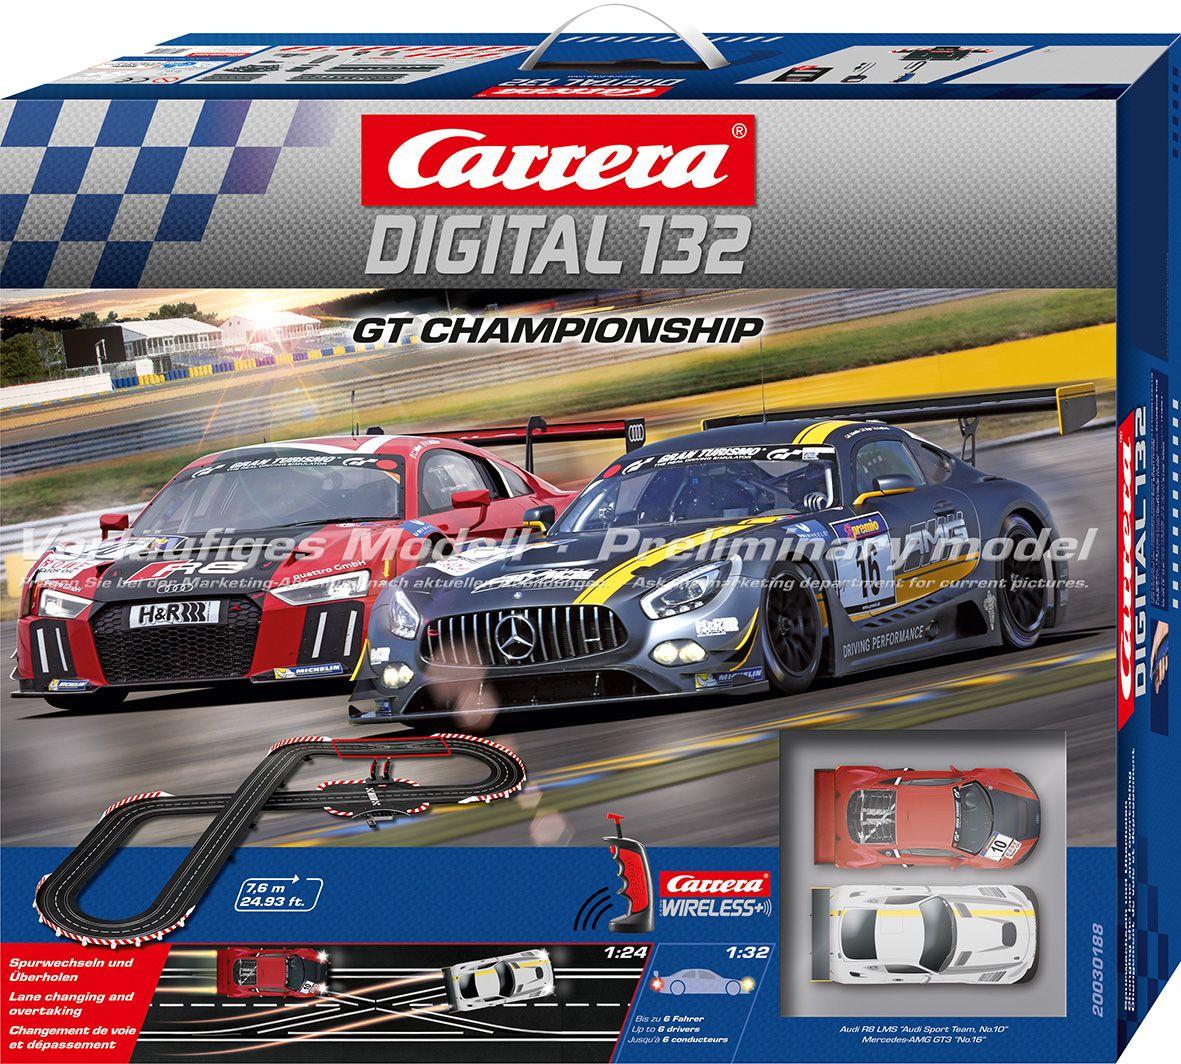 CARRERA Carrera Autorennbahn, »Carrera® Digital 132 GT Championship«